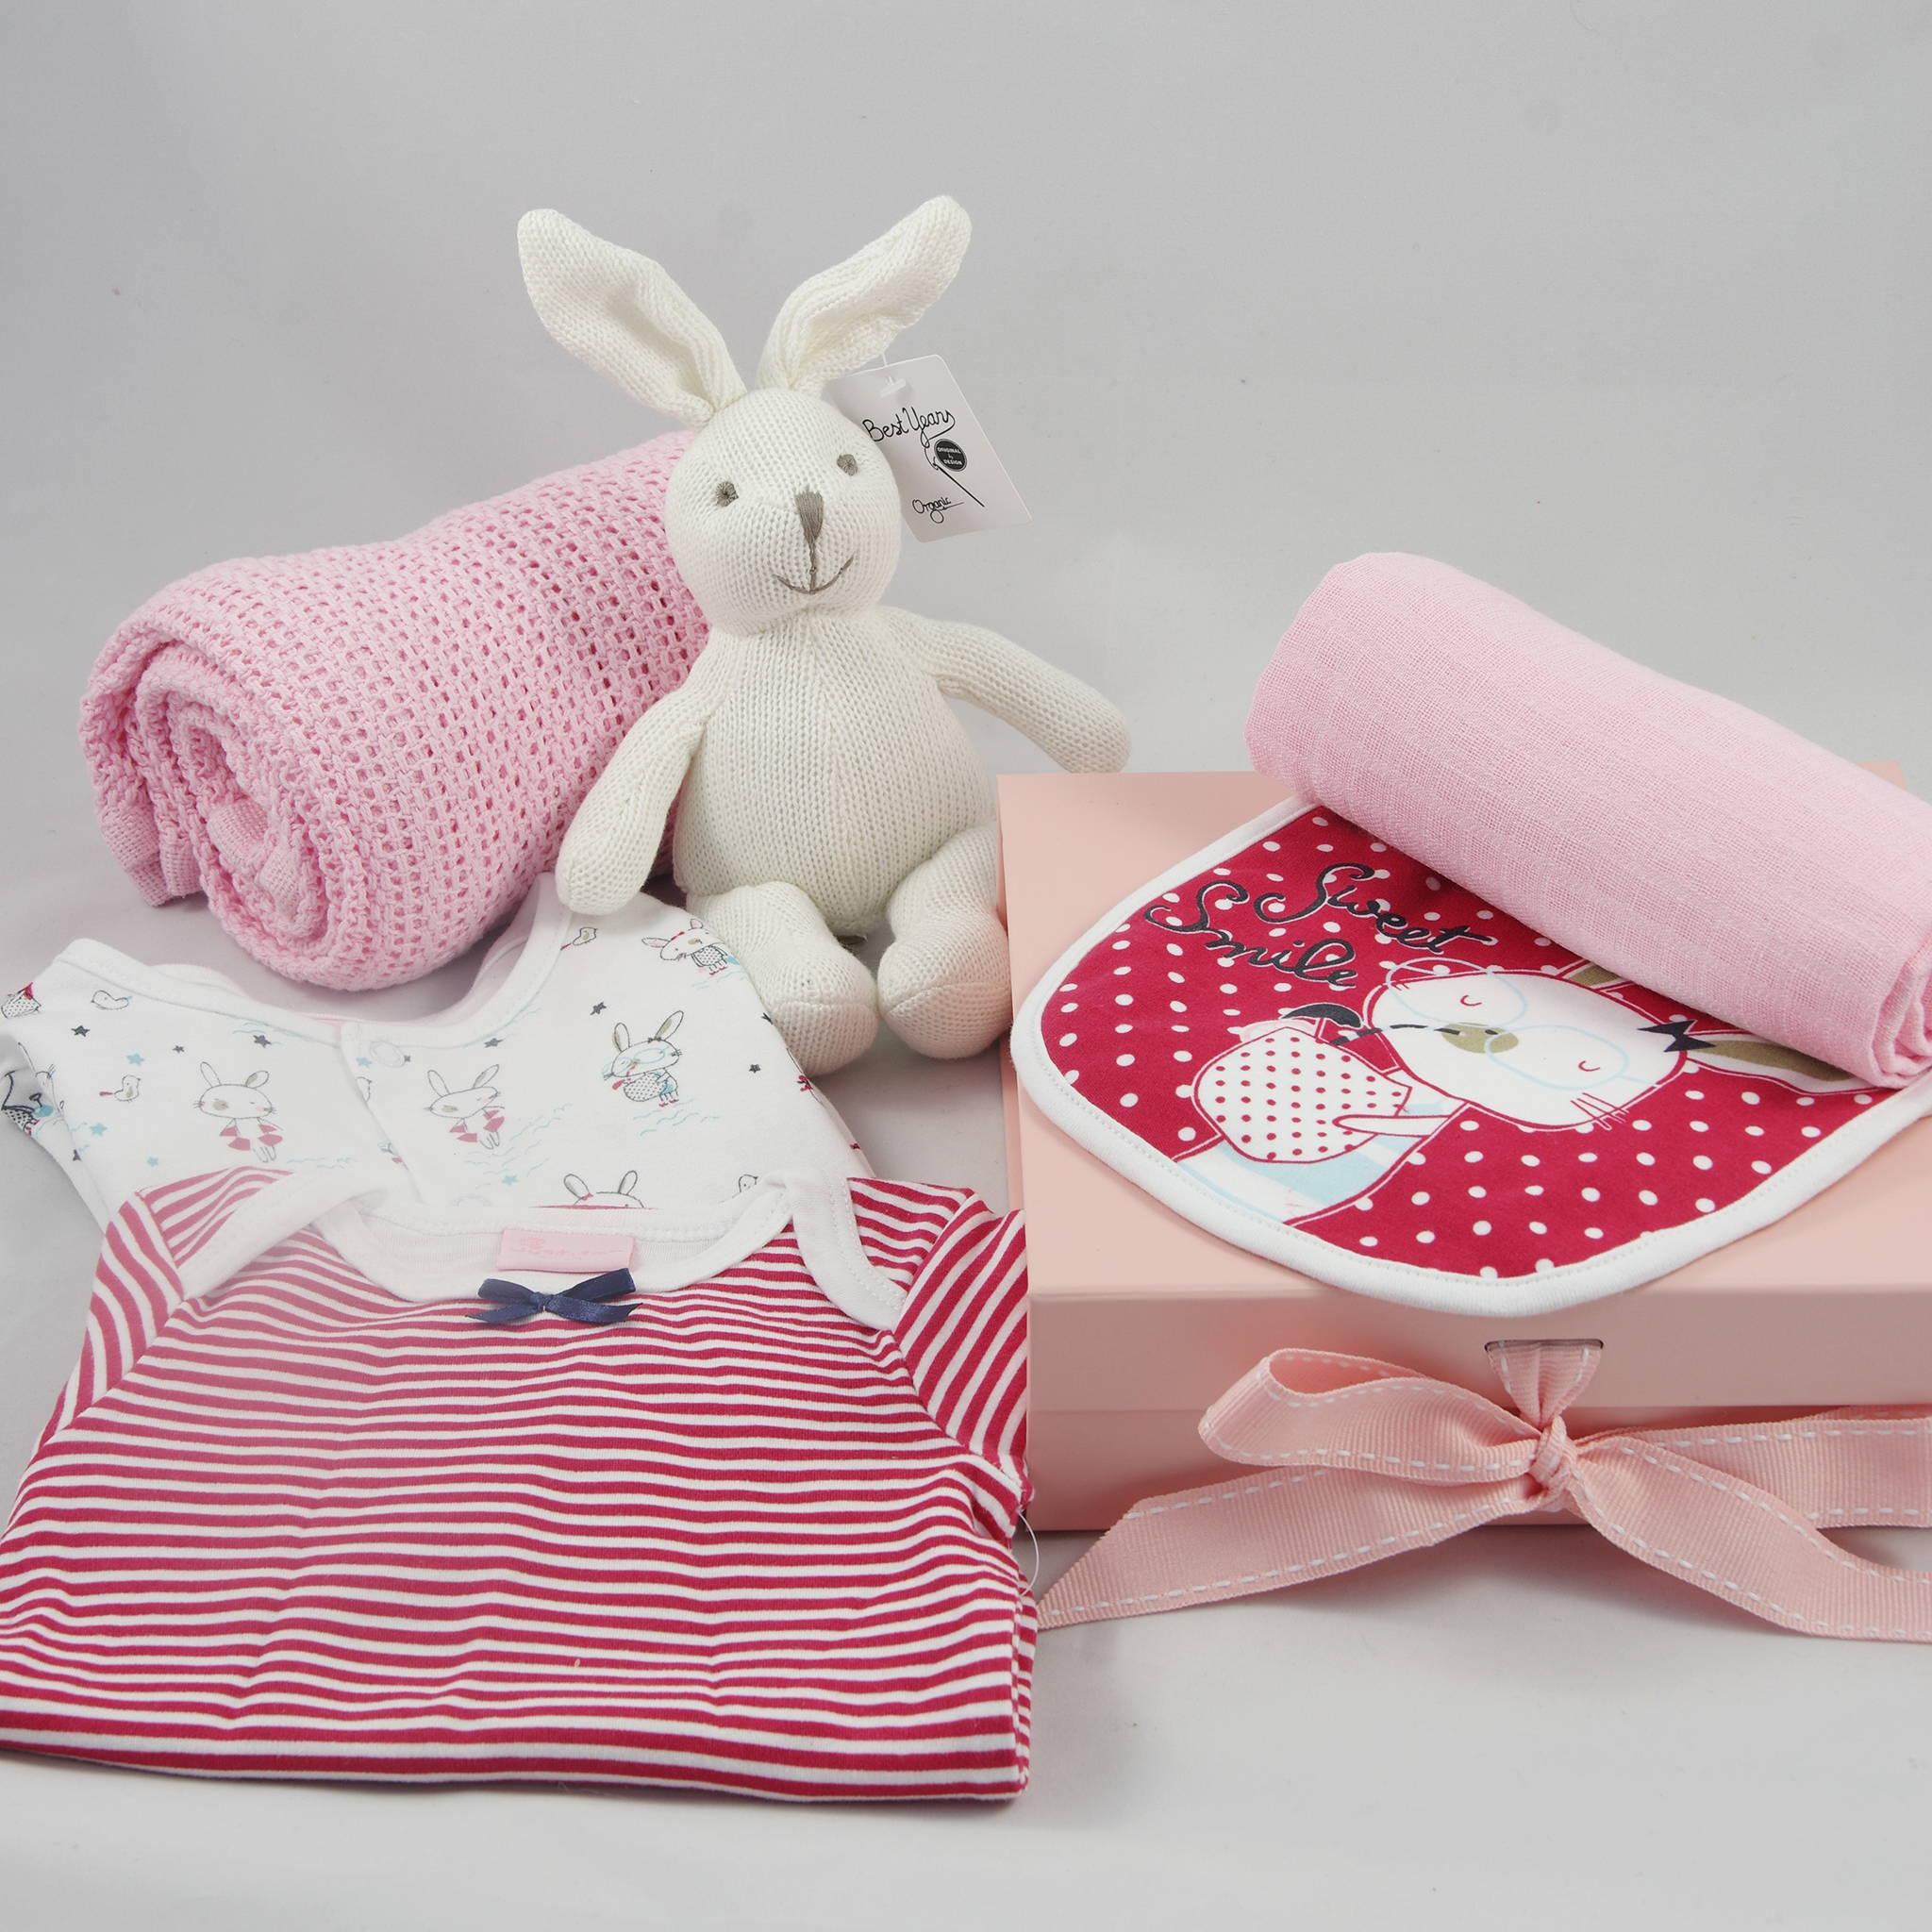 Sweet Smile Baby Girl Bunny Theme Gift Box